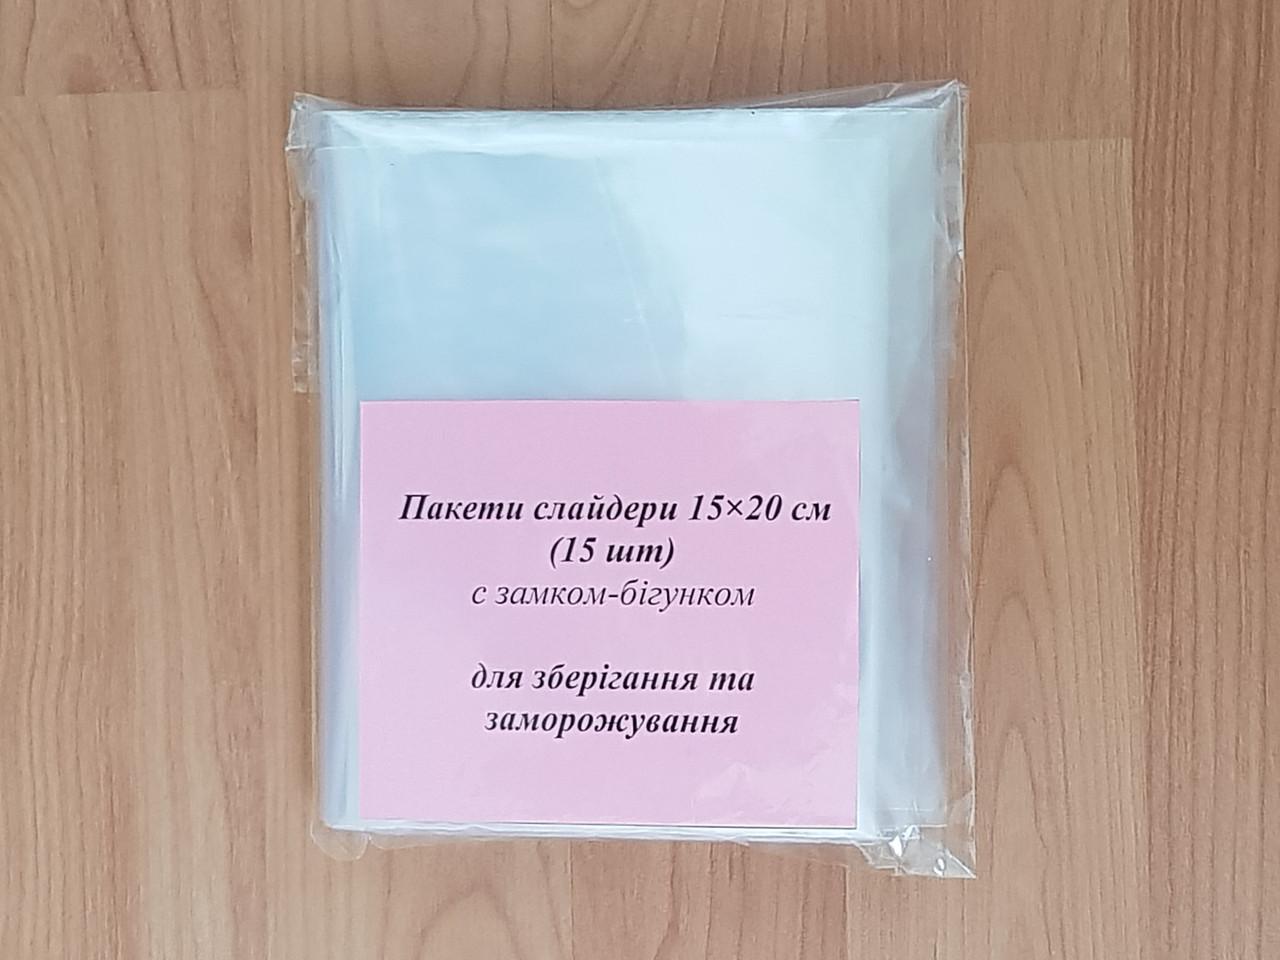 Пакеты слайдеры 15×20 см  (15 шт) для хранения и заморозки